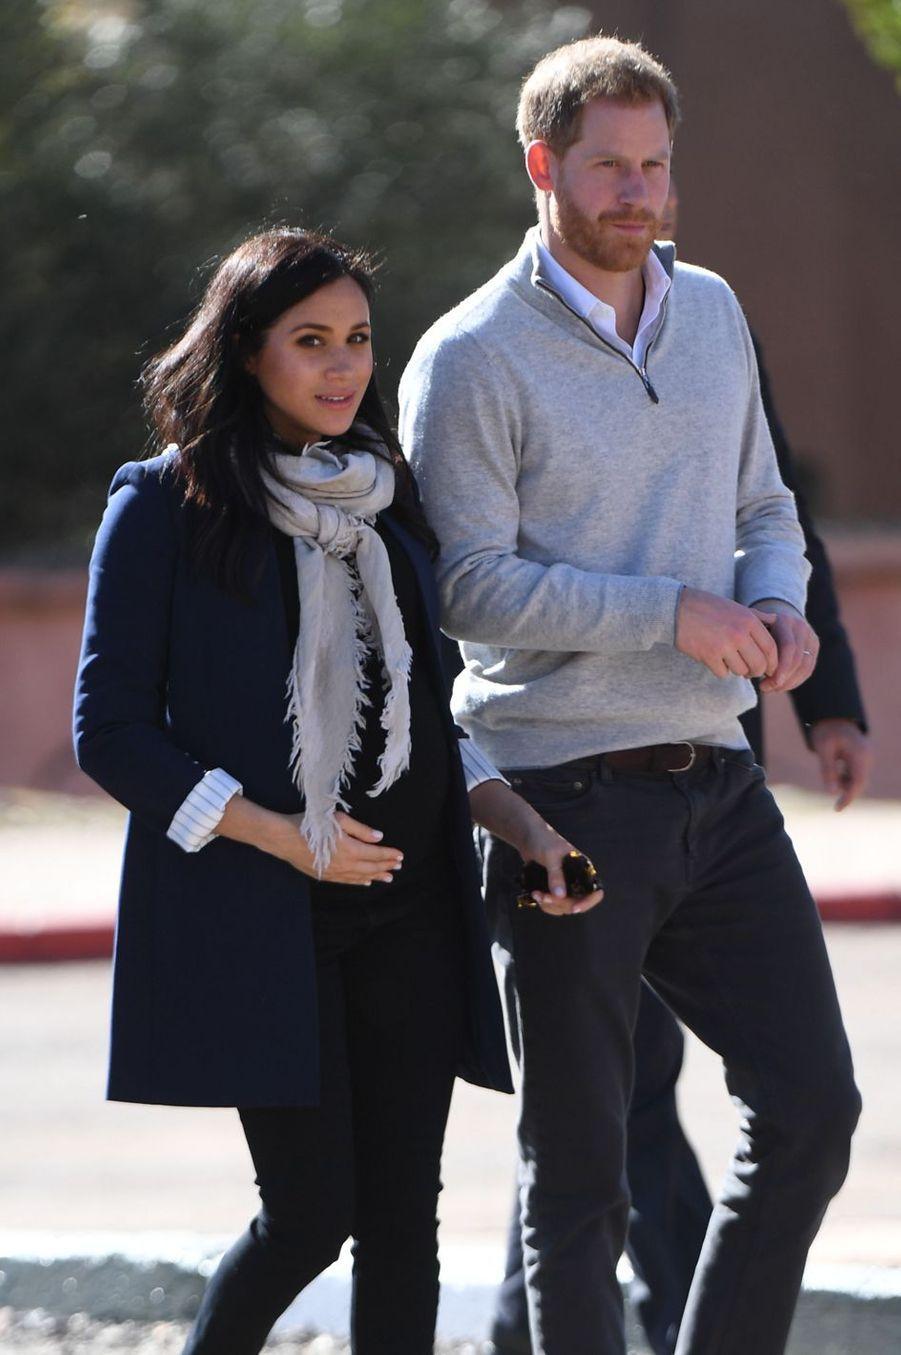 Meghan Markle et le prince Harry lors de leur visite au village Asni au Maroc le 24février 2019